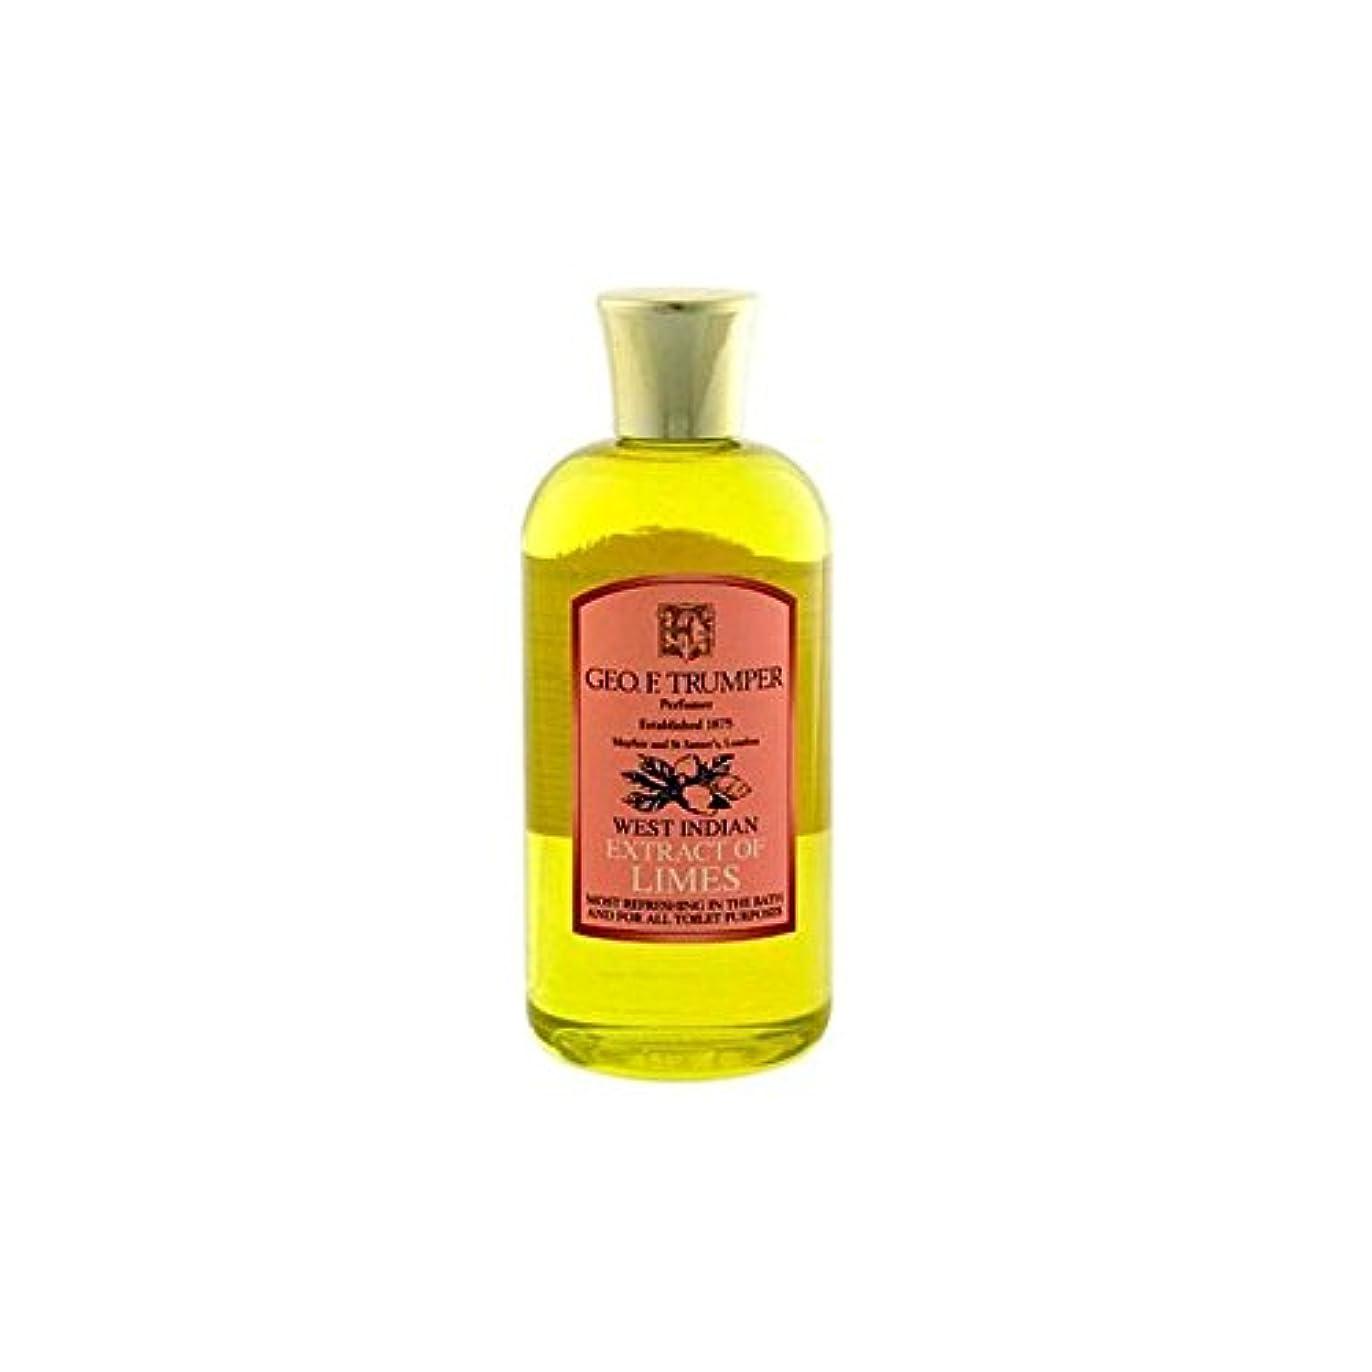 ライムのバスタブとシャワージェル200の抽出物を x2 - Trumpers Extracts of Limes Bath and Shower Gel 200ml (Pack of 2) [並行輸入品]